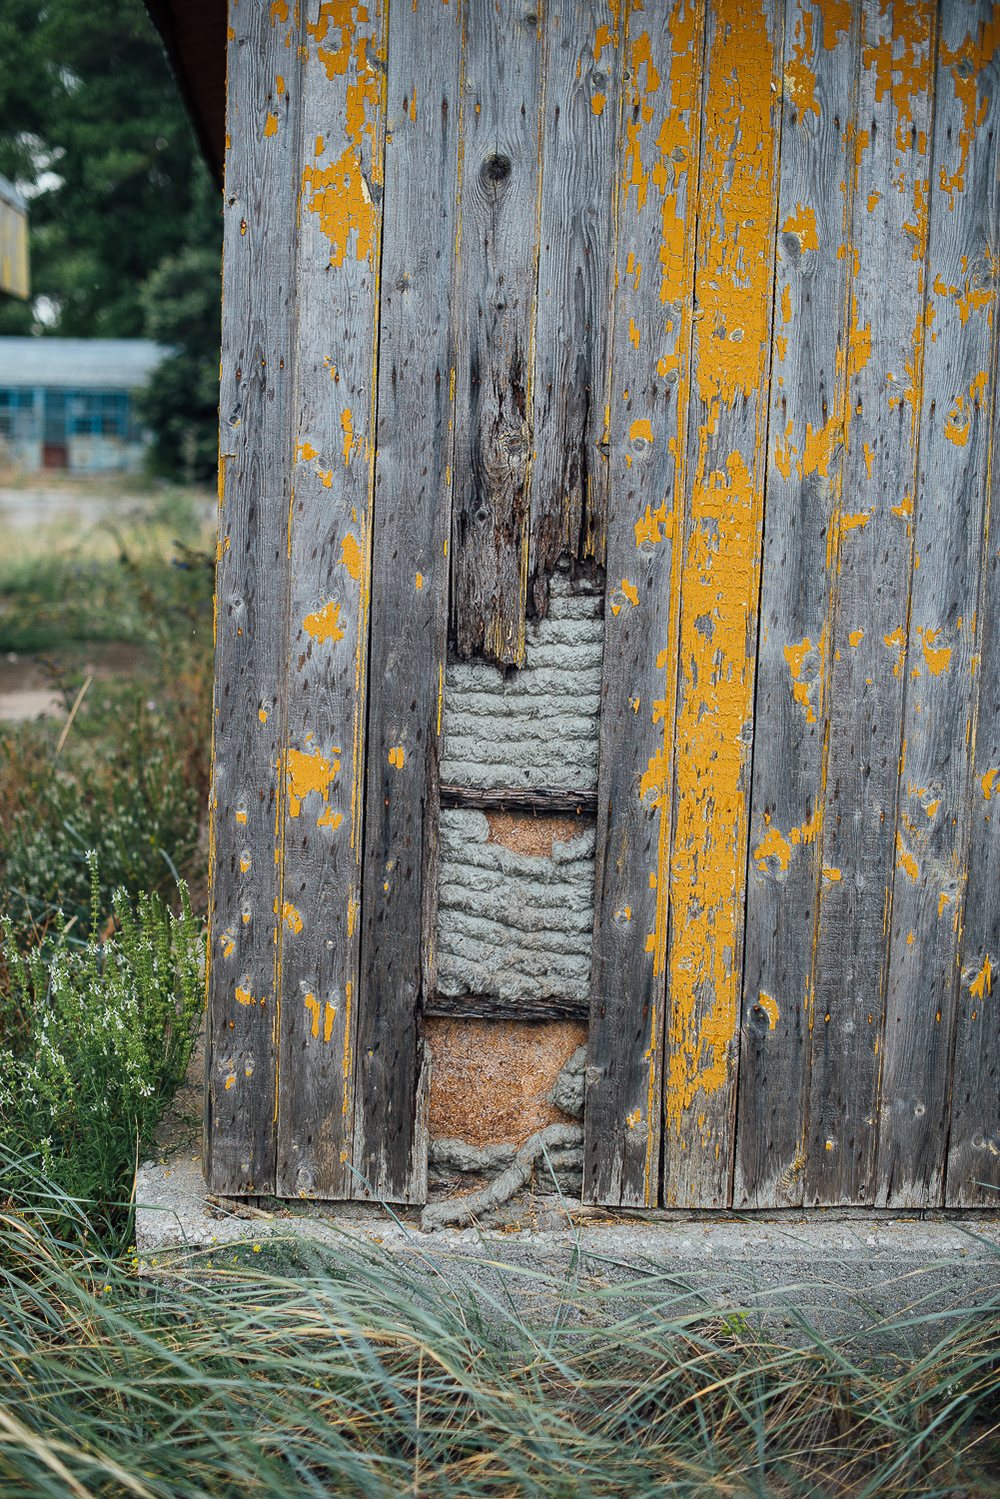 abandoned-summer-school-mariya-mileva-49.jpg